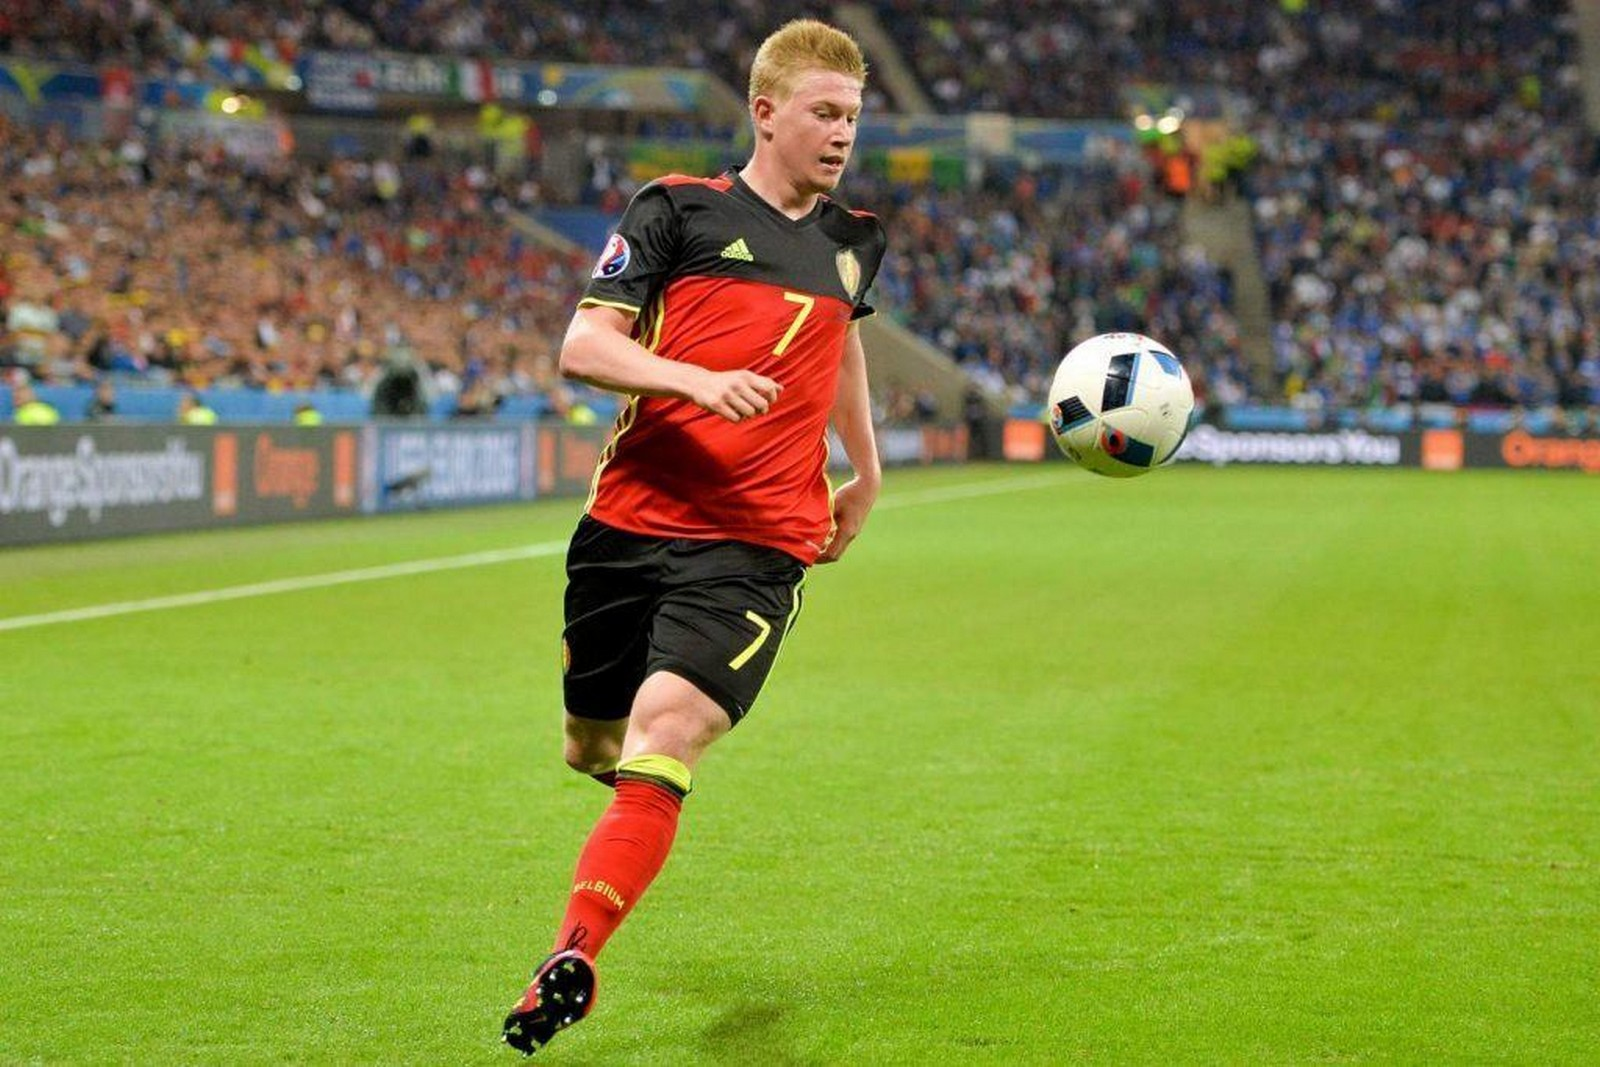 Siegt Kevin de Bruyne gegen seine Wahlheimat? Jetzt auf Belgien gegen England wetten!